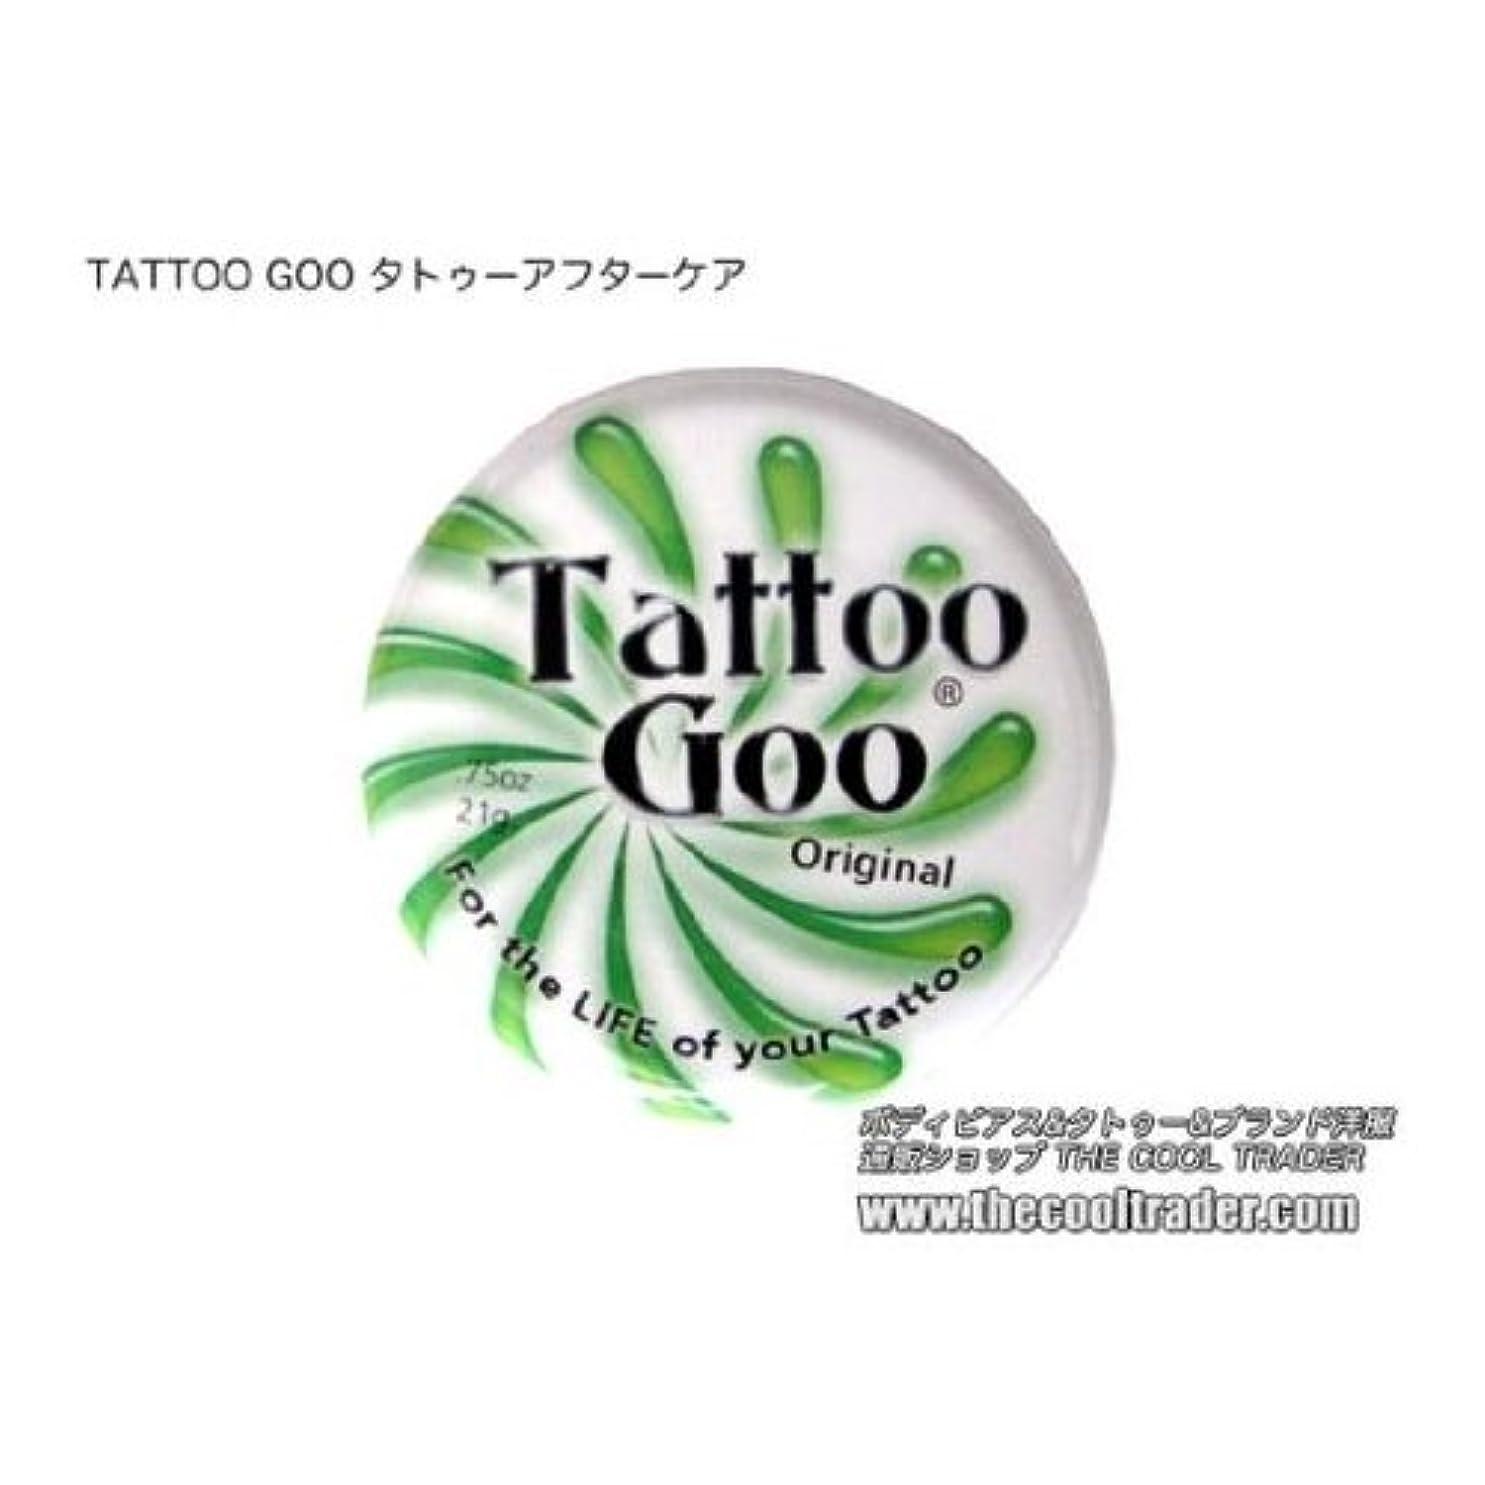 メディア刈るほとんどの場合TATTOO GOO タトゥー&ボディピアス専用アフターケア 軟膏クリーム オリジナル